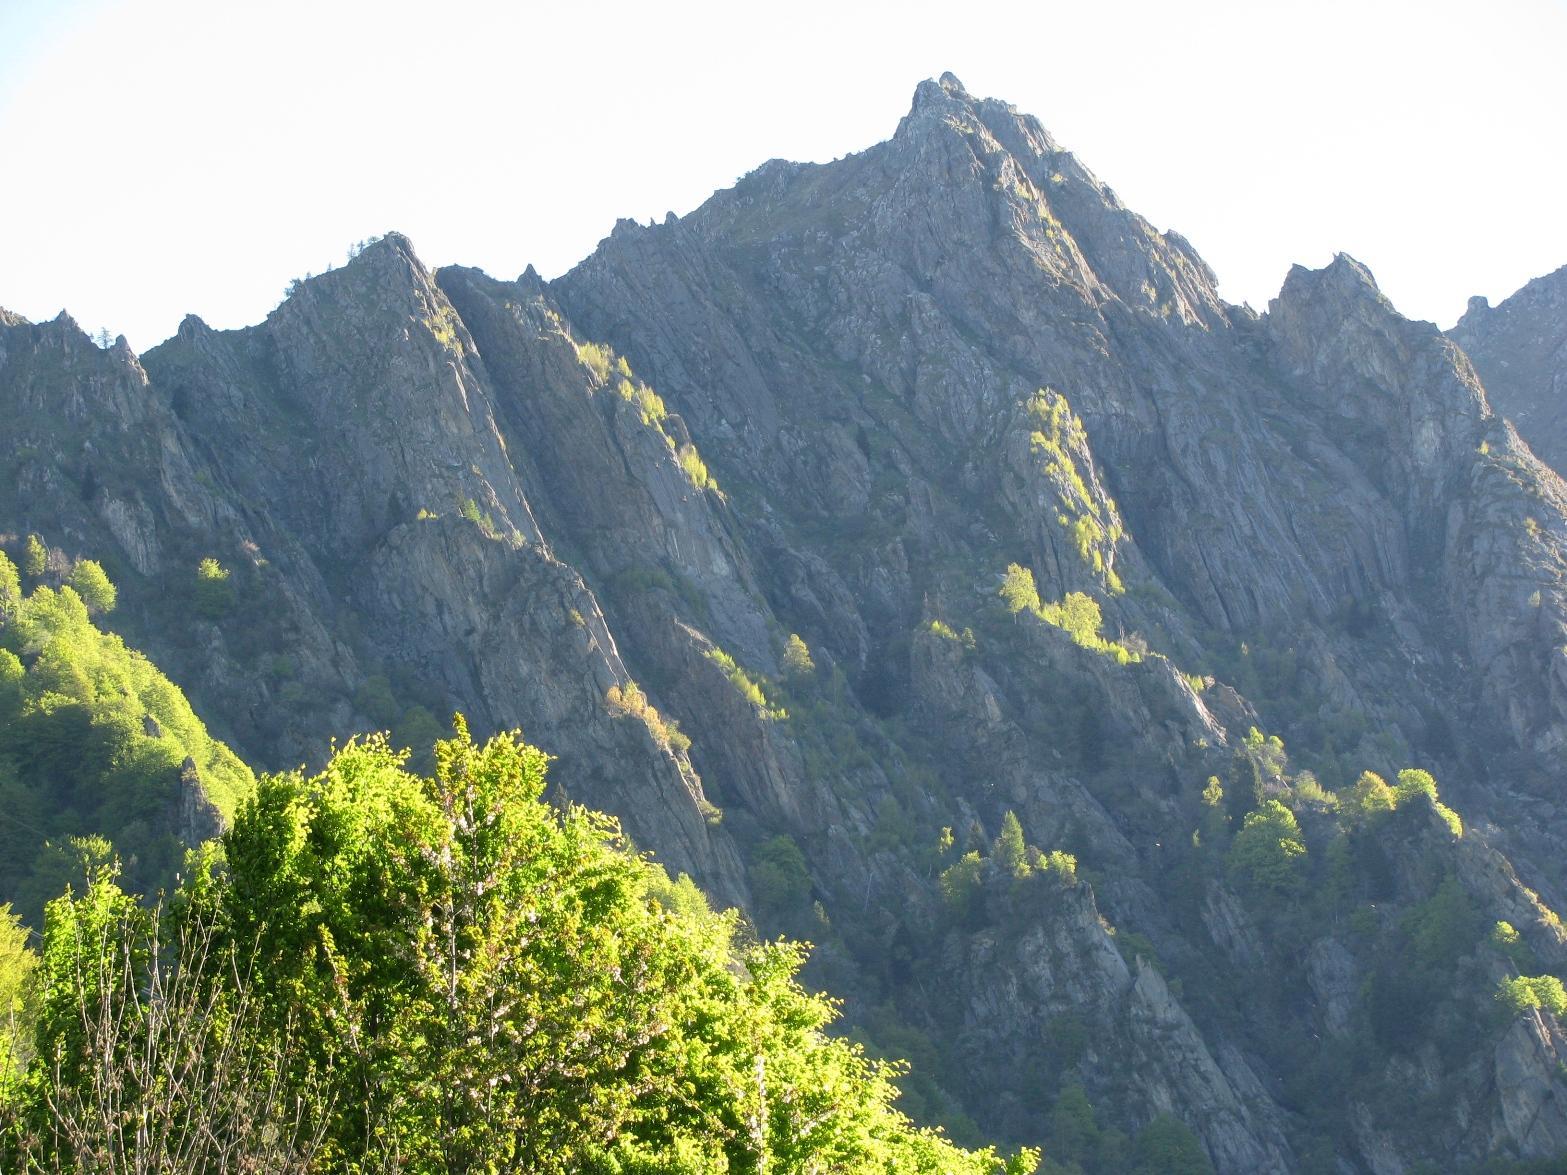 Da Tiglietto, Zoom sulle gheule (gole) della Punta delle Gheule